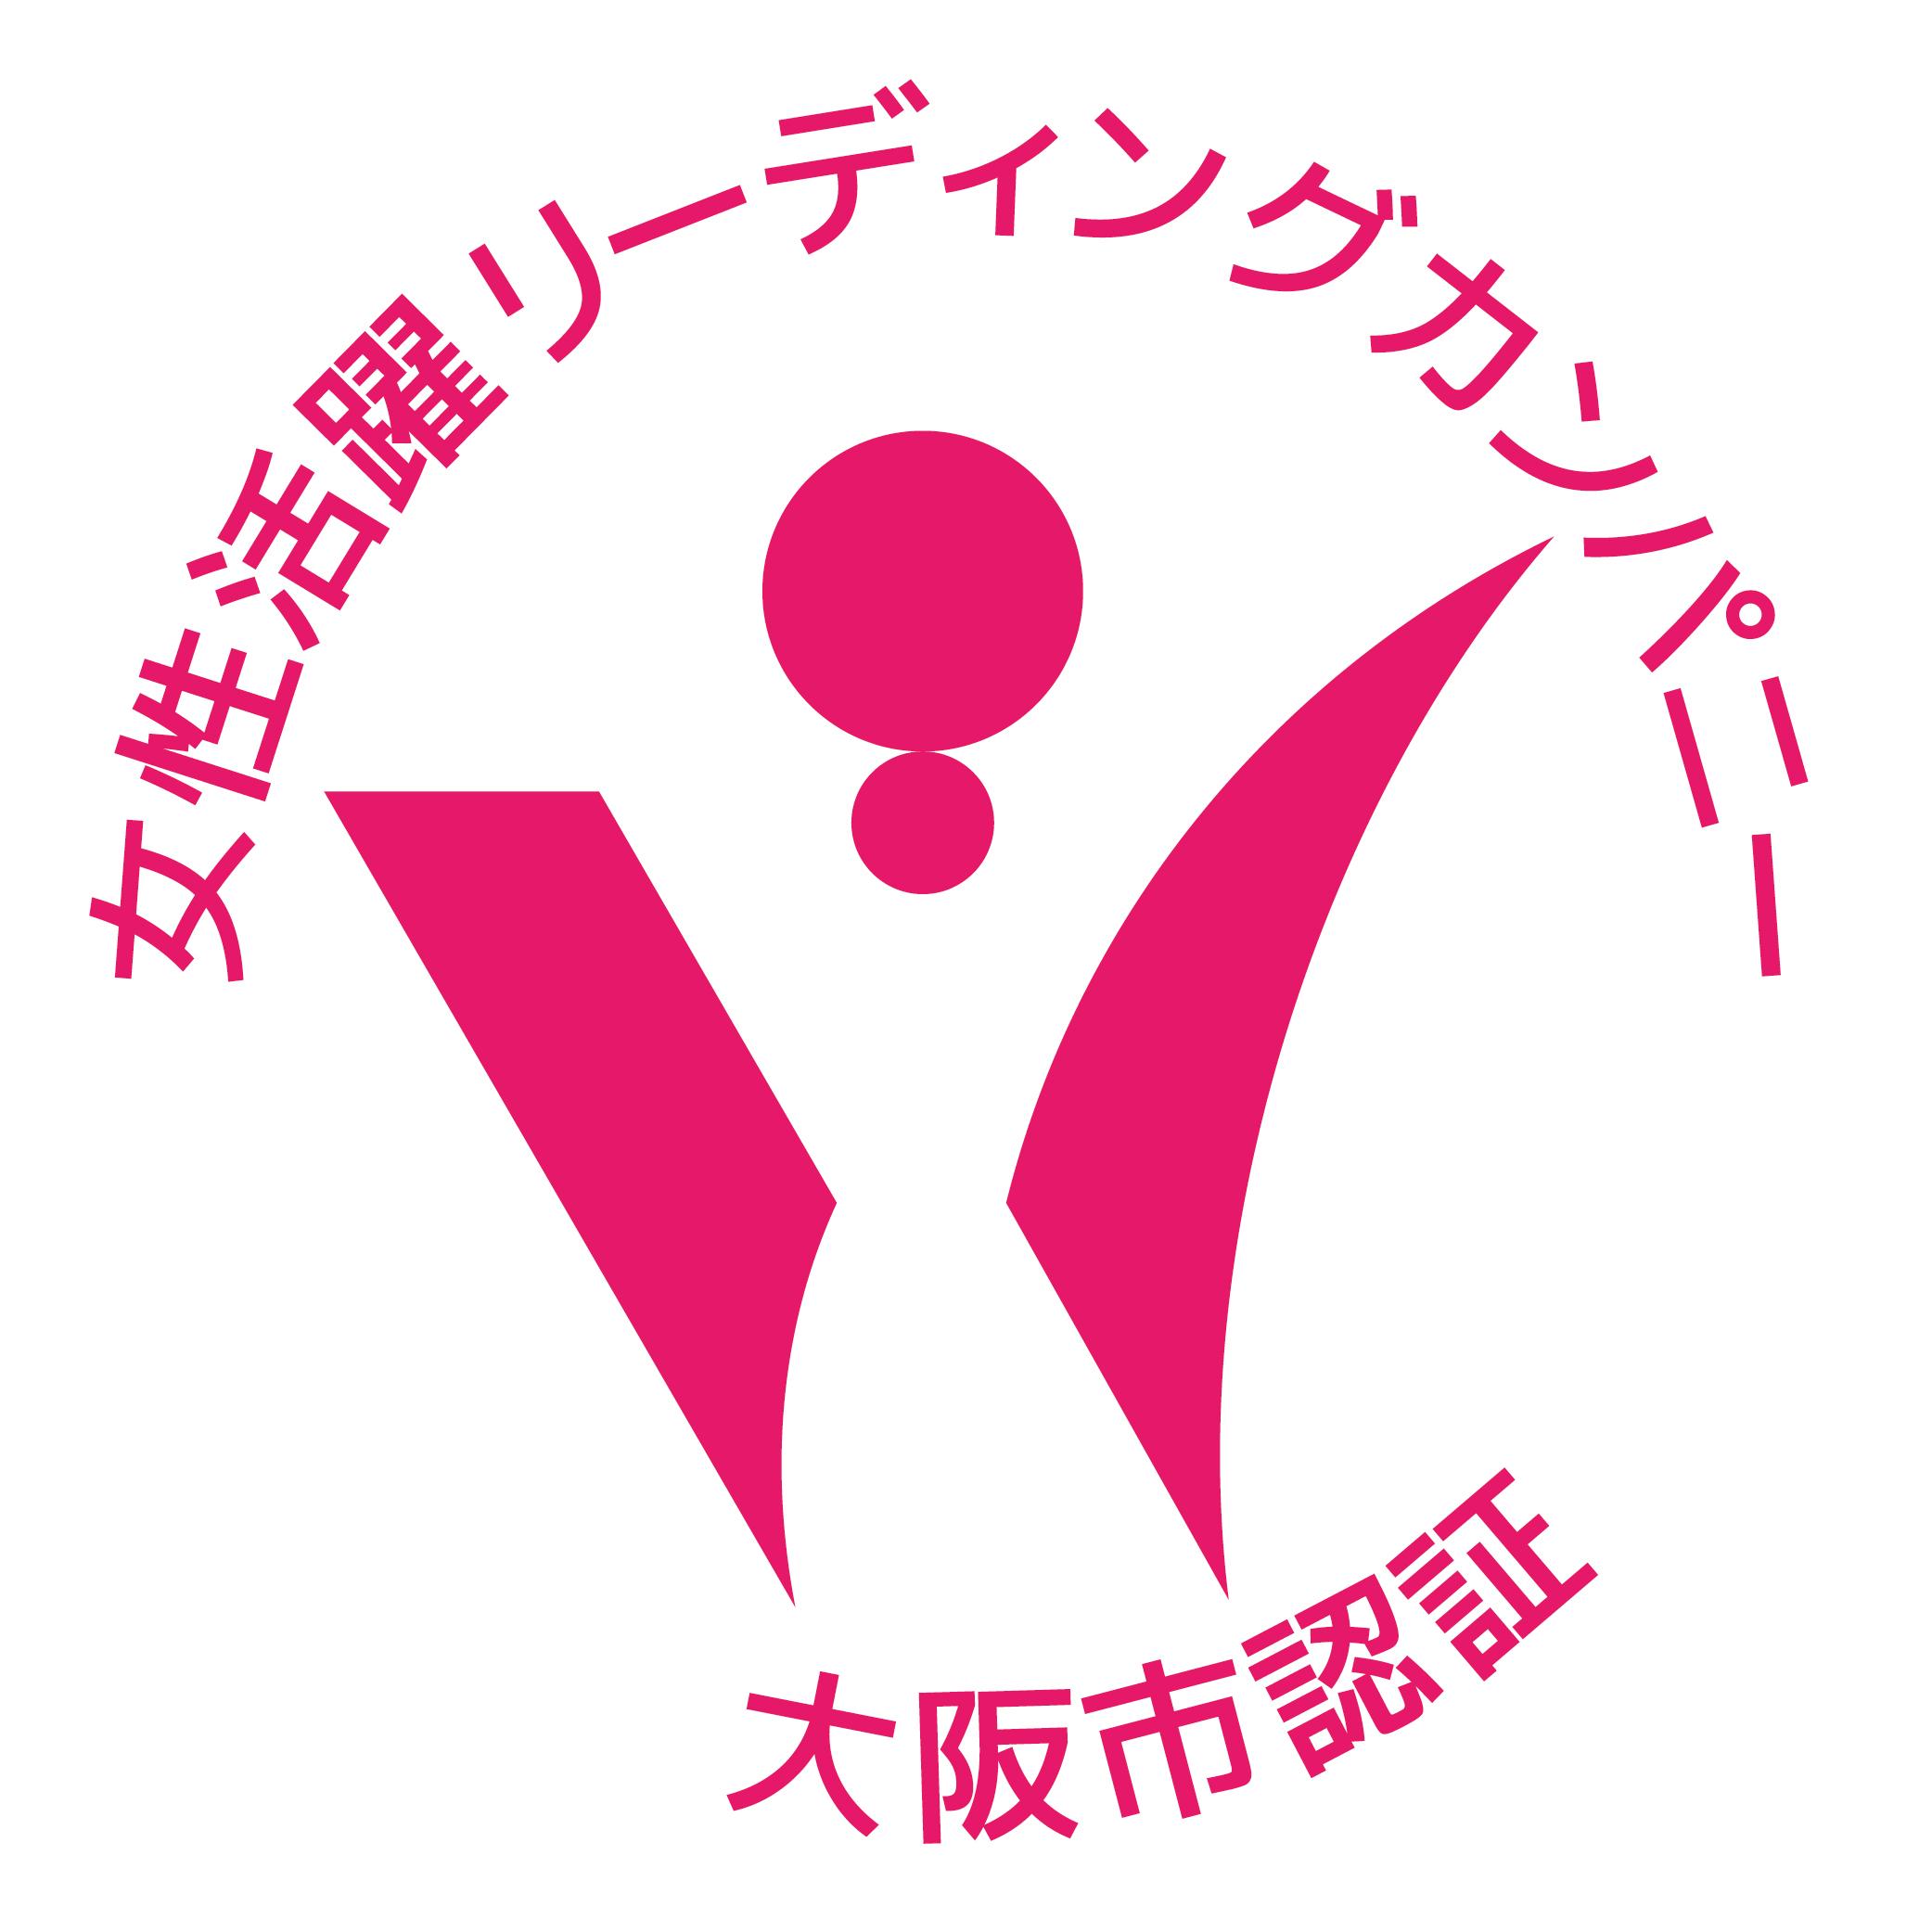 大阪市女性活躍リーディングカンパニー2014